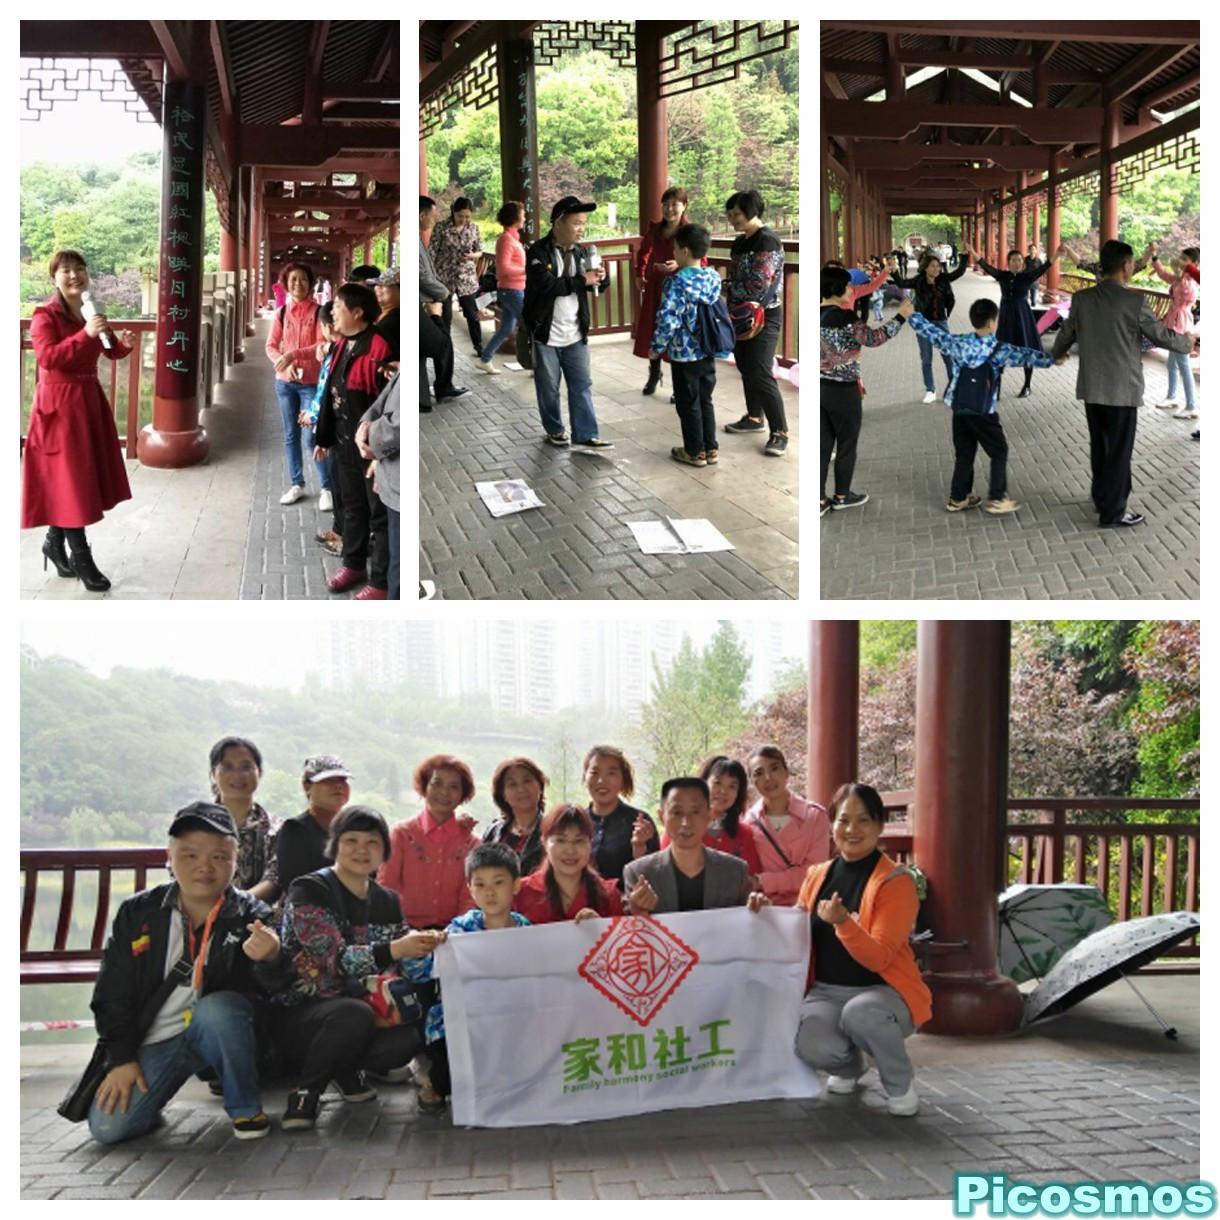 重庆九龙坡区家和社工:人间最美四月天 不负春光和时行郊游活动